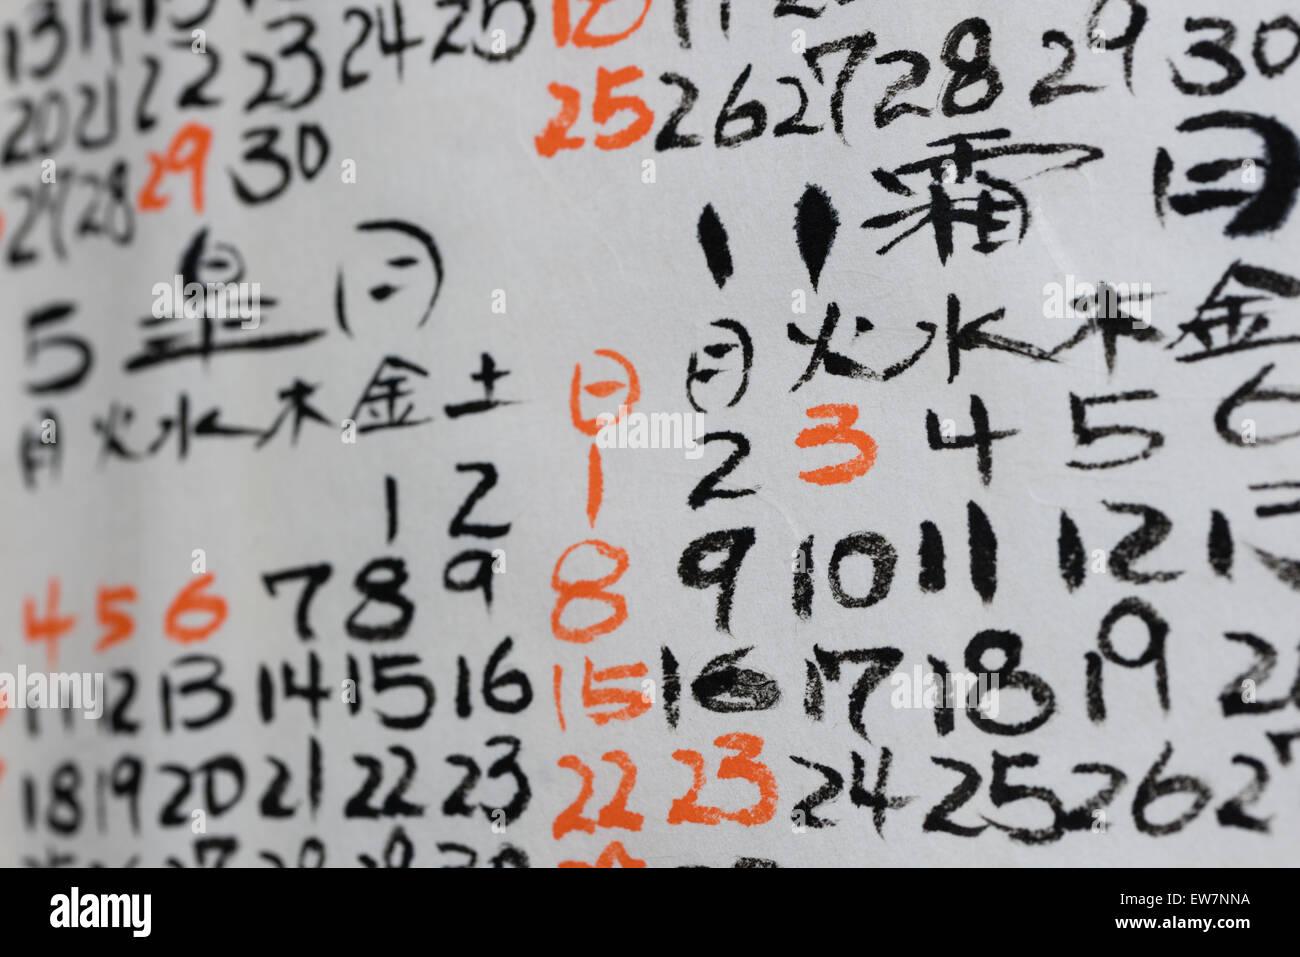 Calendario Japones.Algunos Numeros Escritos A Mano Y Los Kanji En Un Calendario Japones